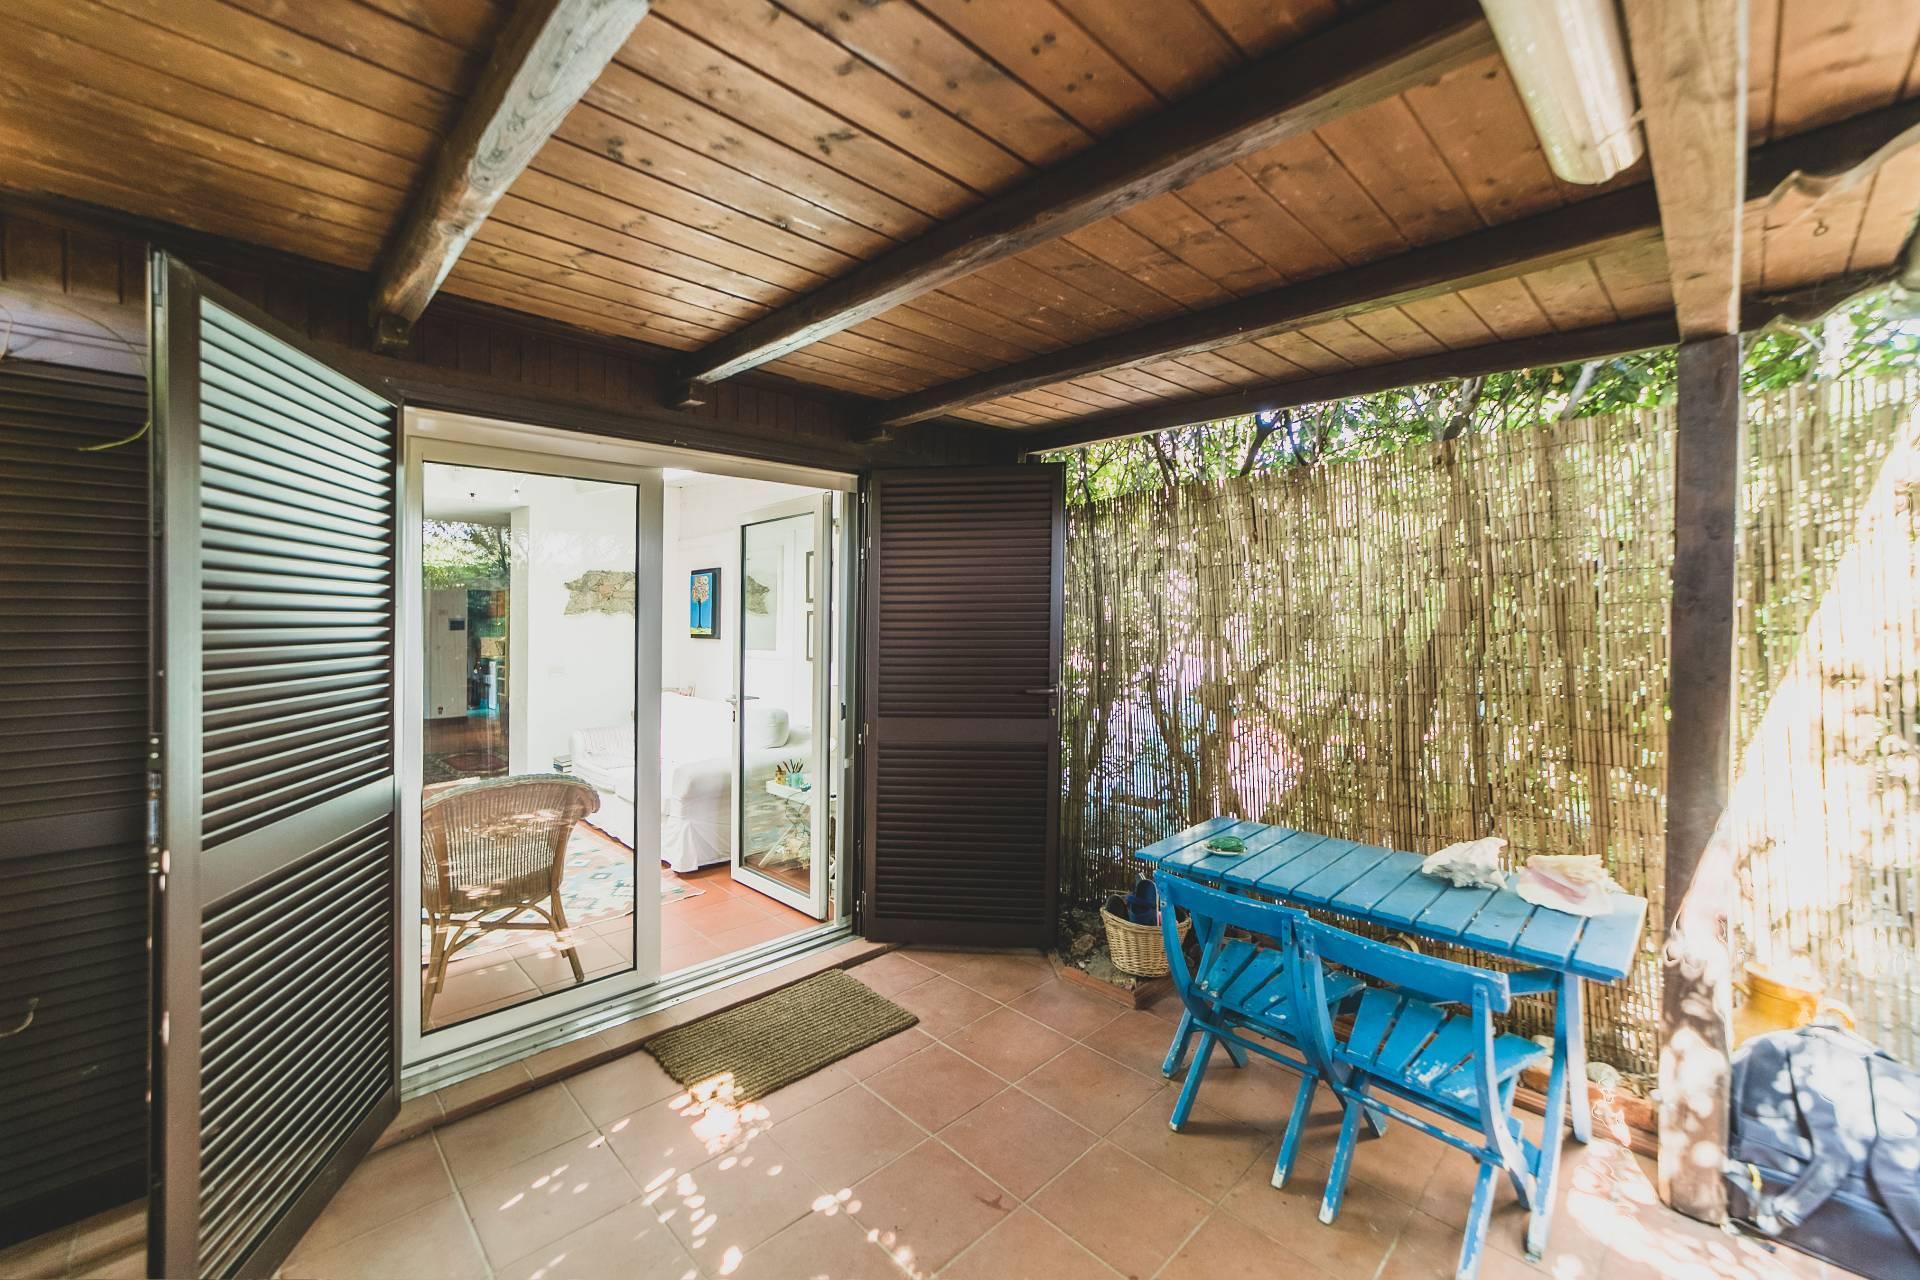 Appartamento in vendita a Monte Argentario, 3 locali, zona Località: PortoErcole, prezzo € 240.000 | PortaleAgenzieImmobiliari.it